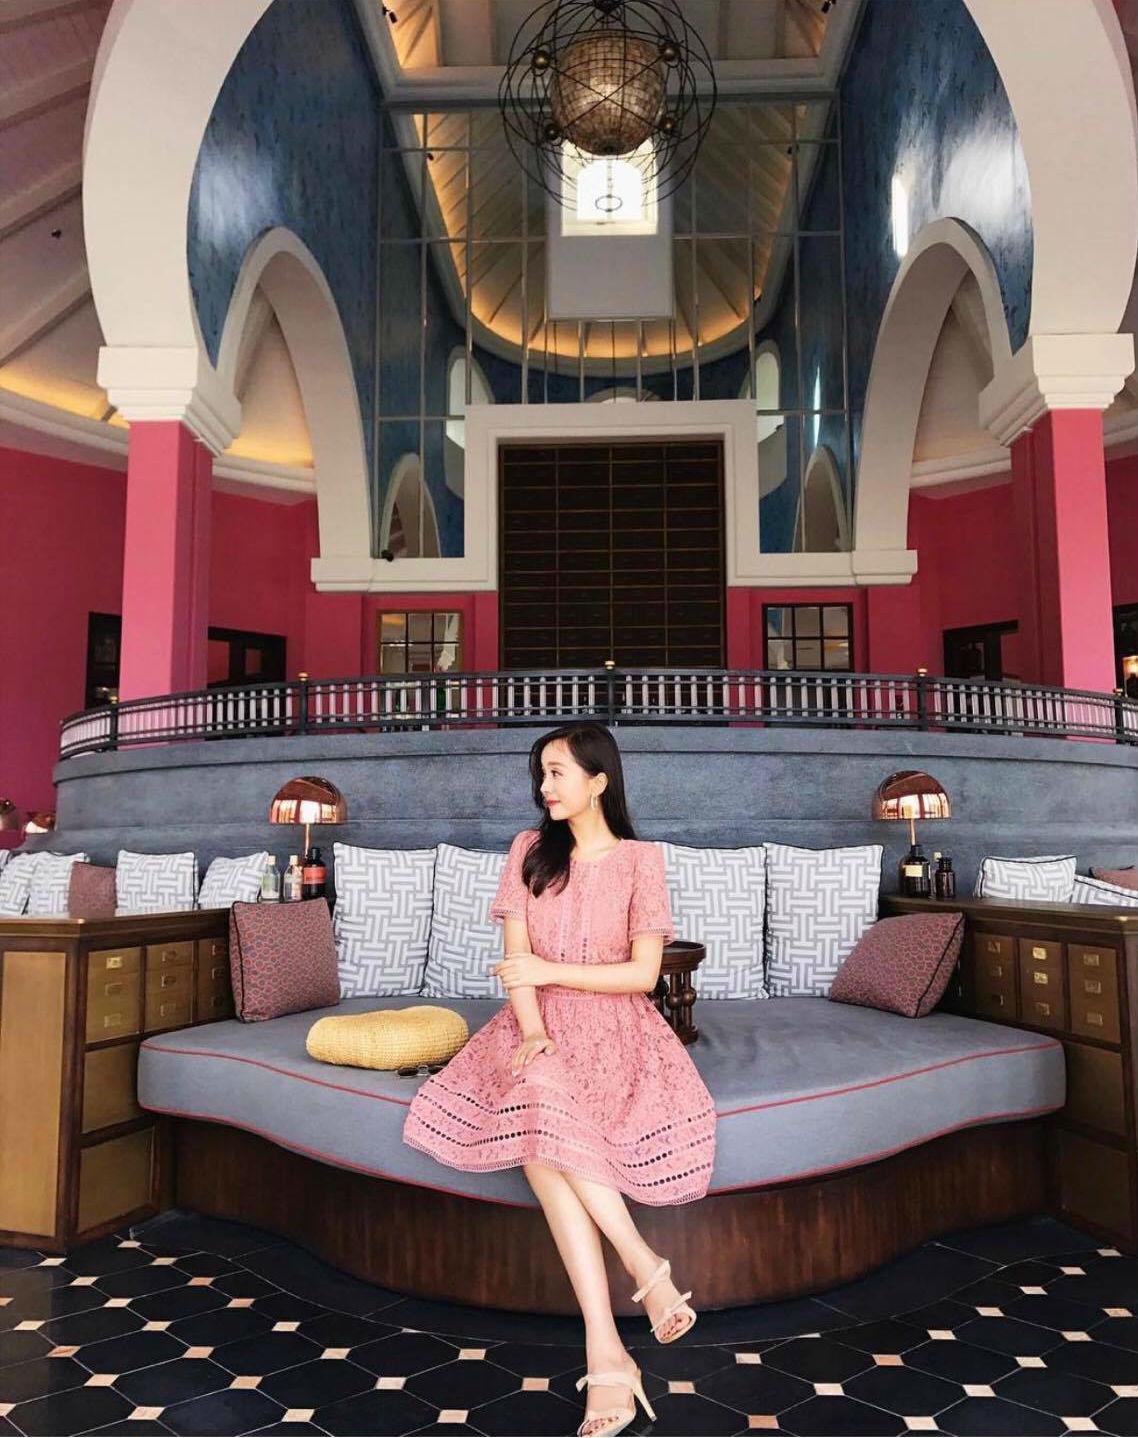 Xem xong MV Có em chờ, lại thêm lý do để tin rằng JW Marriott Phú Quốc chính là resort đáng đi nhất hè này! - Ảnh 34.